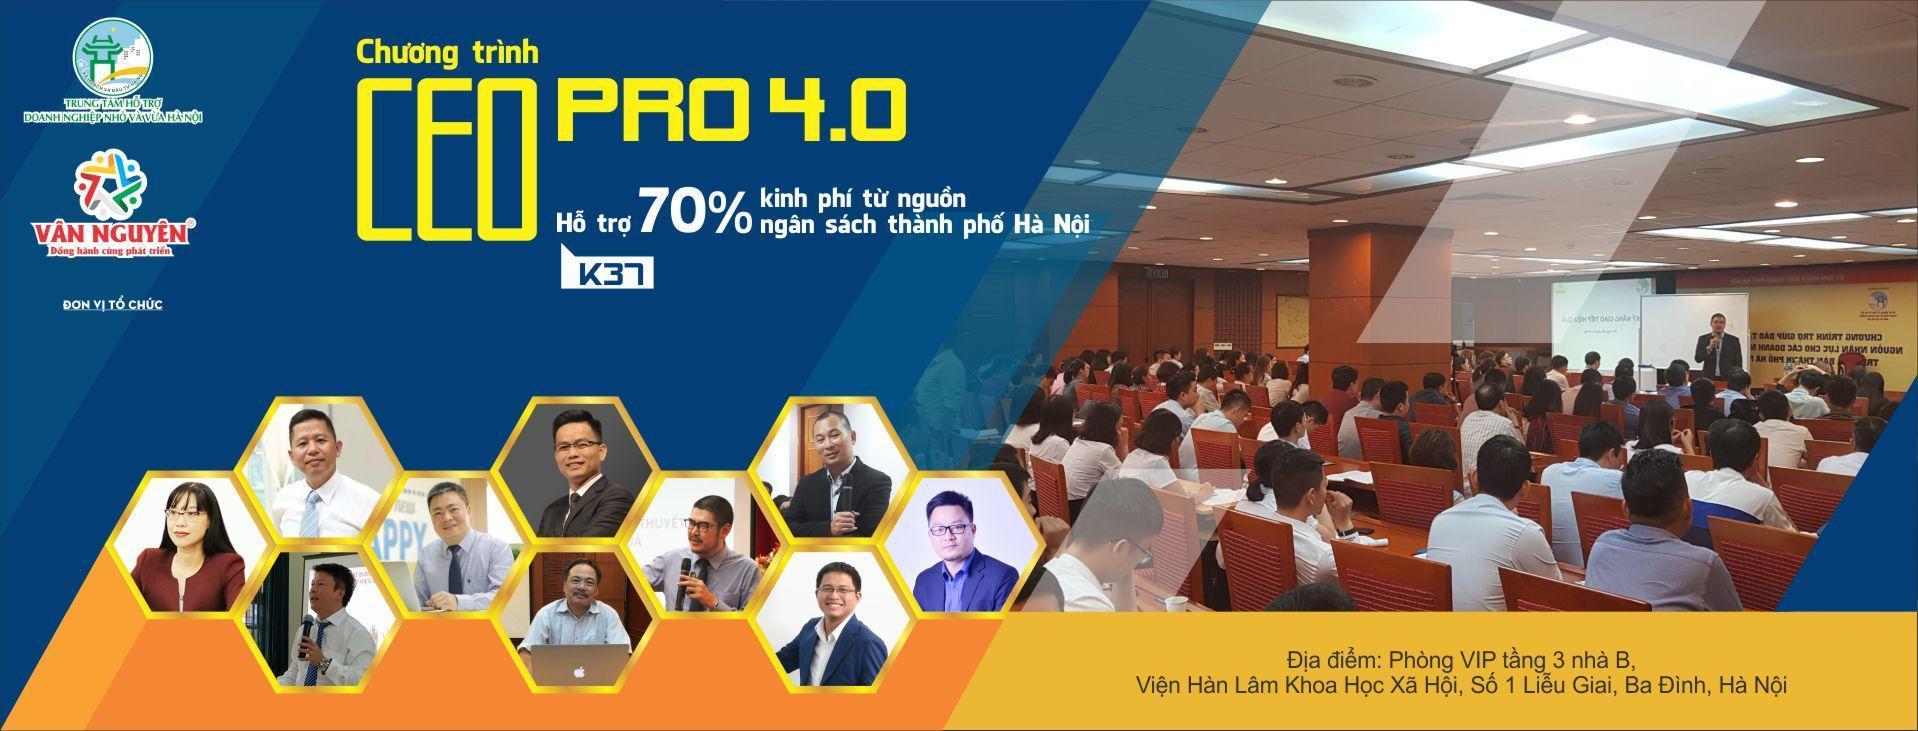 CEO PRO 4.0 – K37